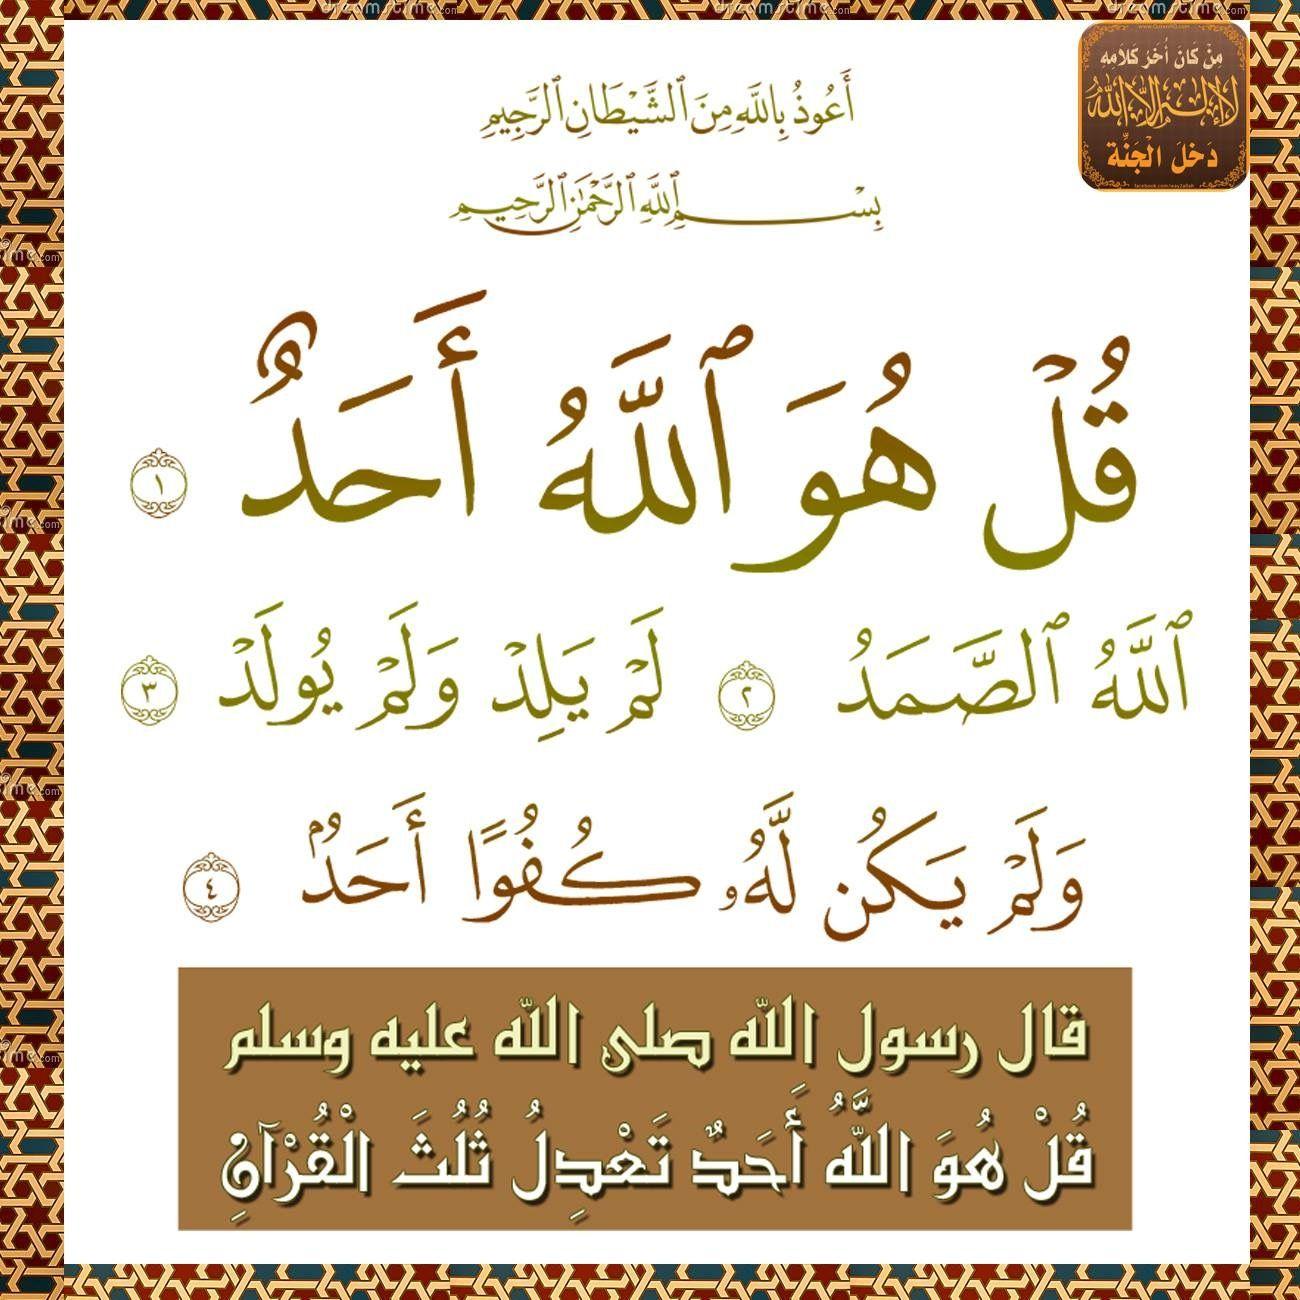 سورة الإخلاص Arabic Calligraphy Calligraphy Quran